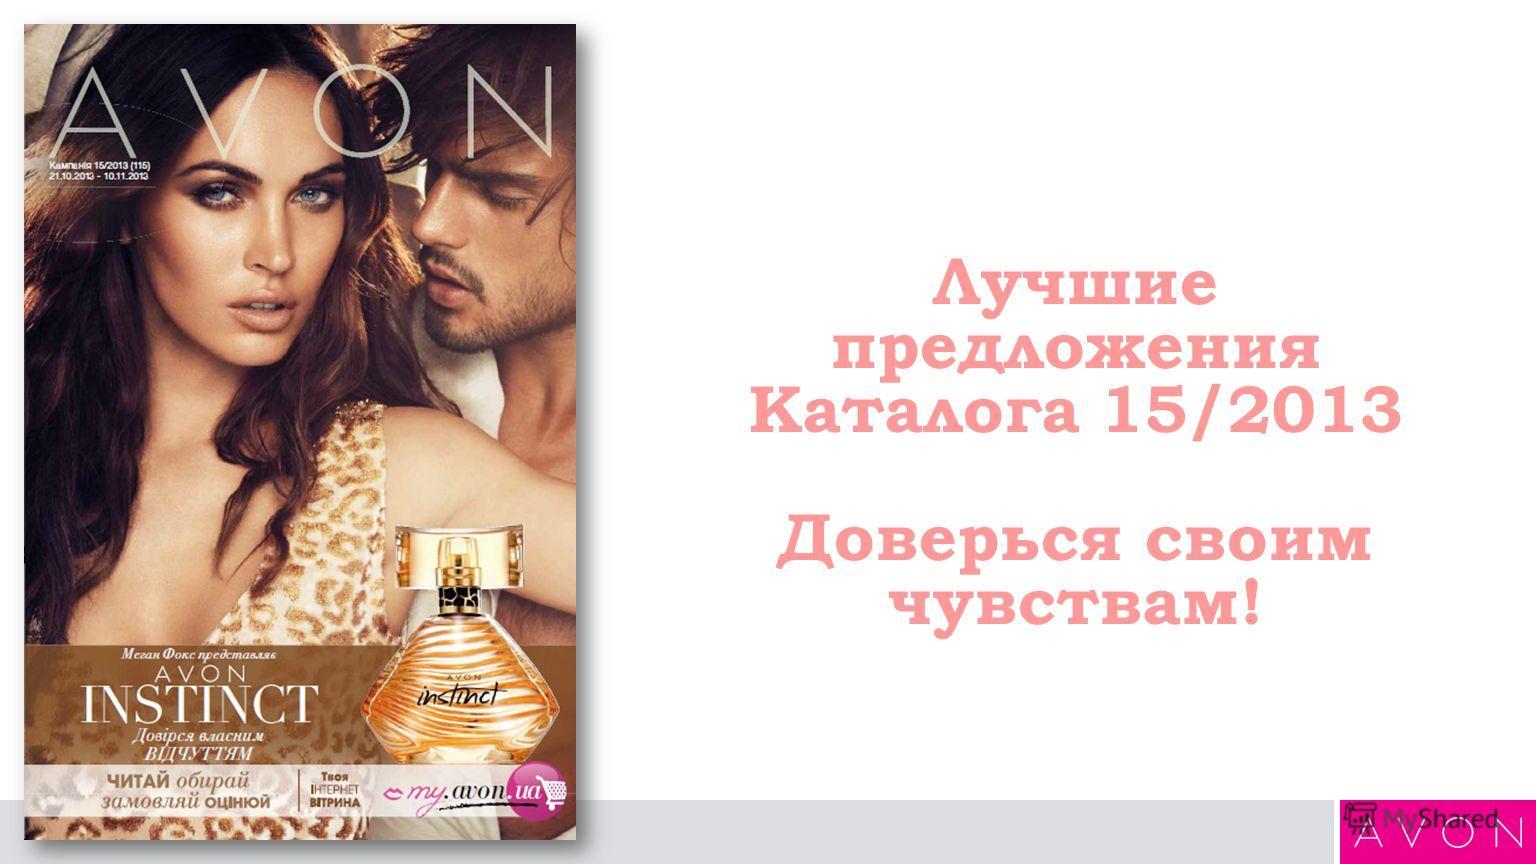 Лучшие предложения Каталога 15/2013 Доверься своим чувствам!